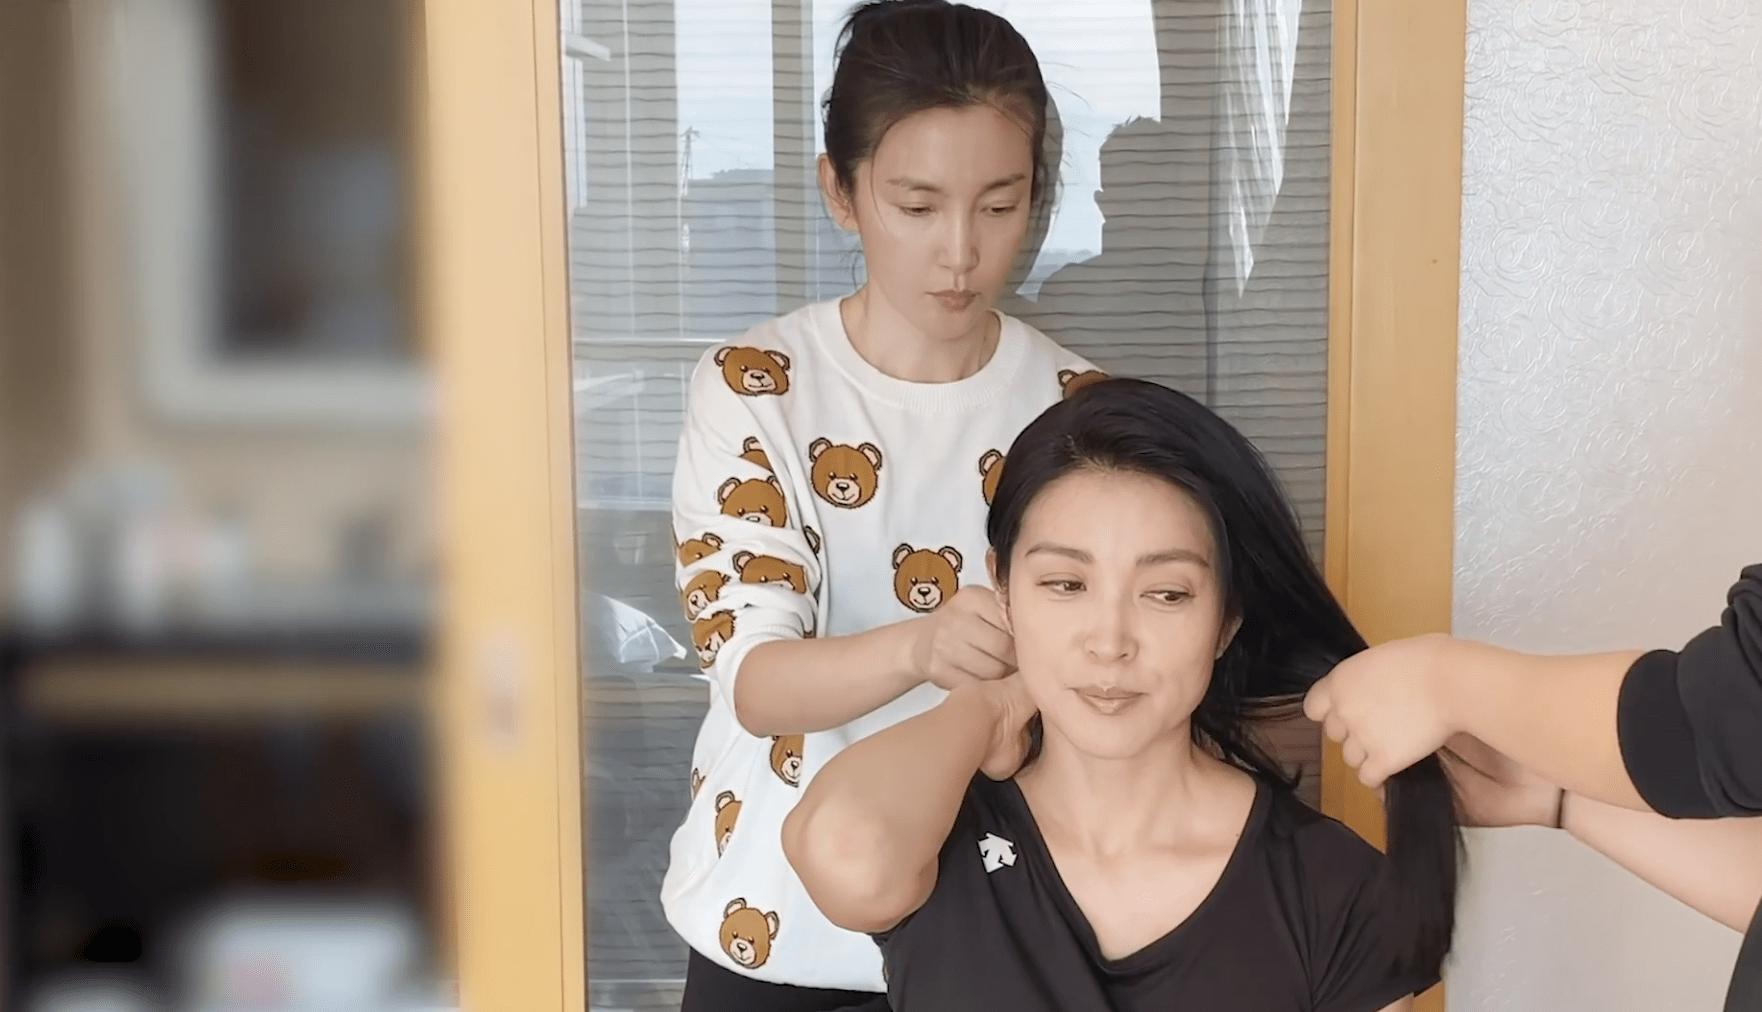 原创             李冰冰化身妆发师,为妹妹李雪做造型,业务熟稔成果惊艳